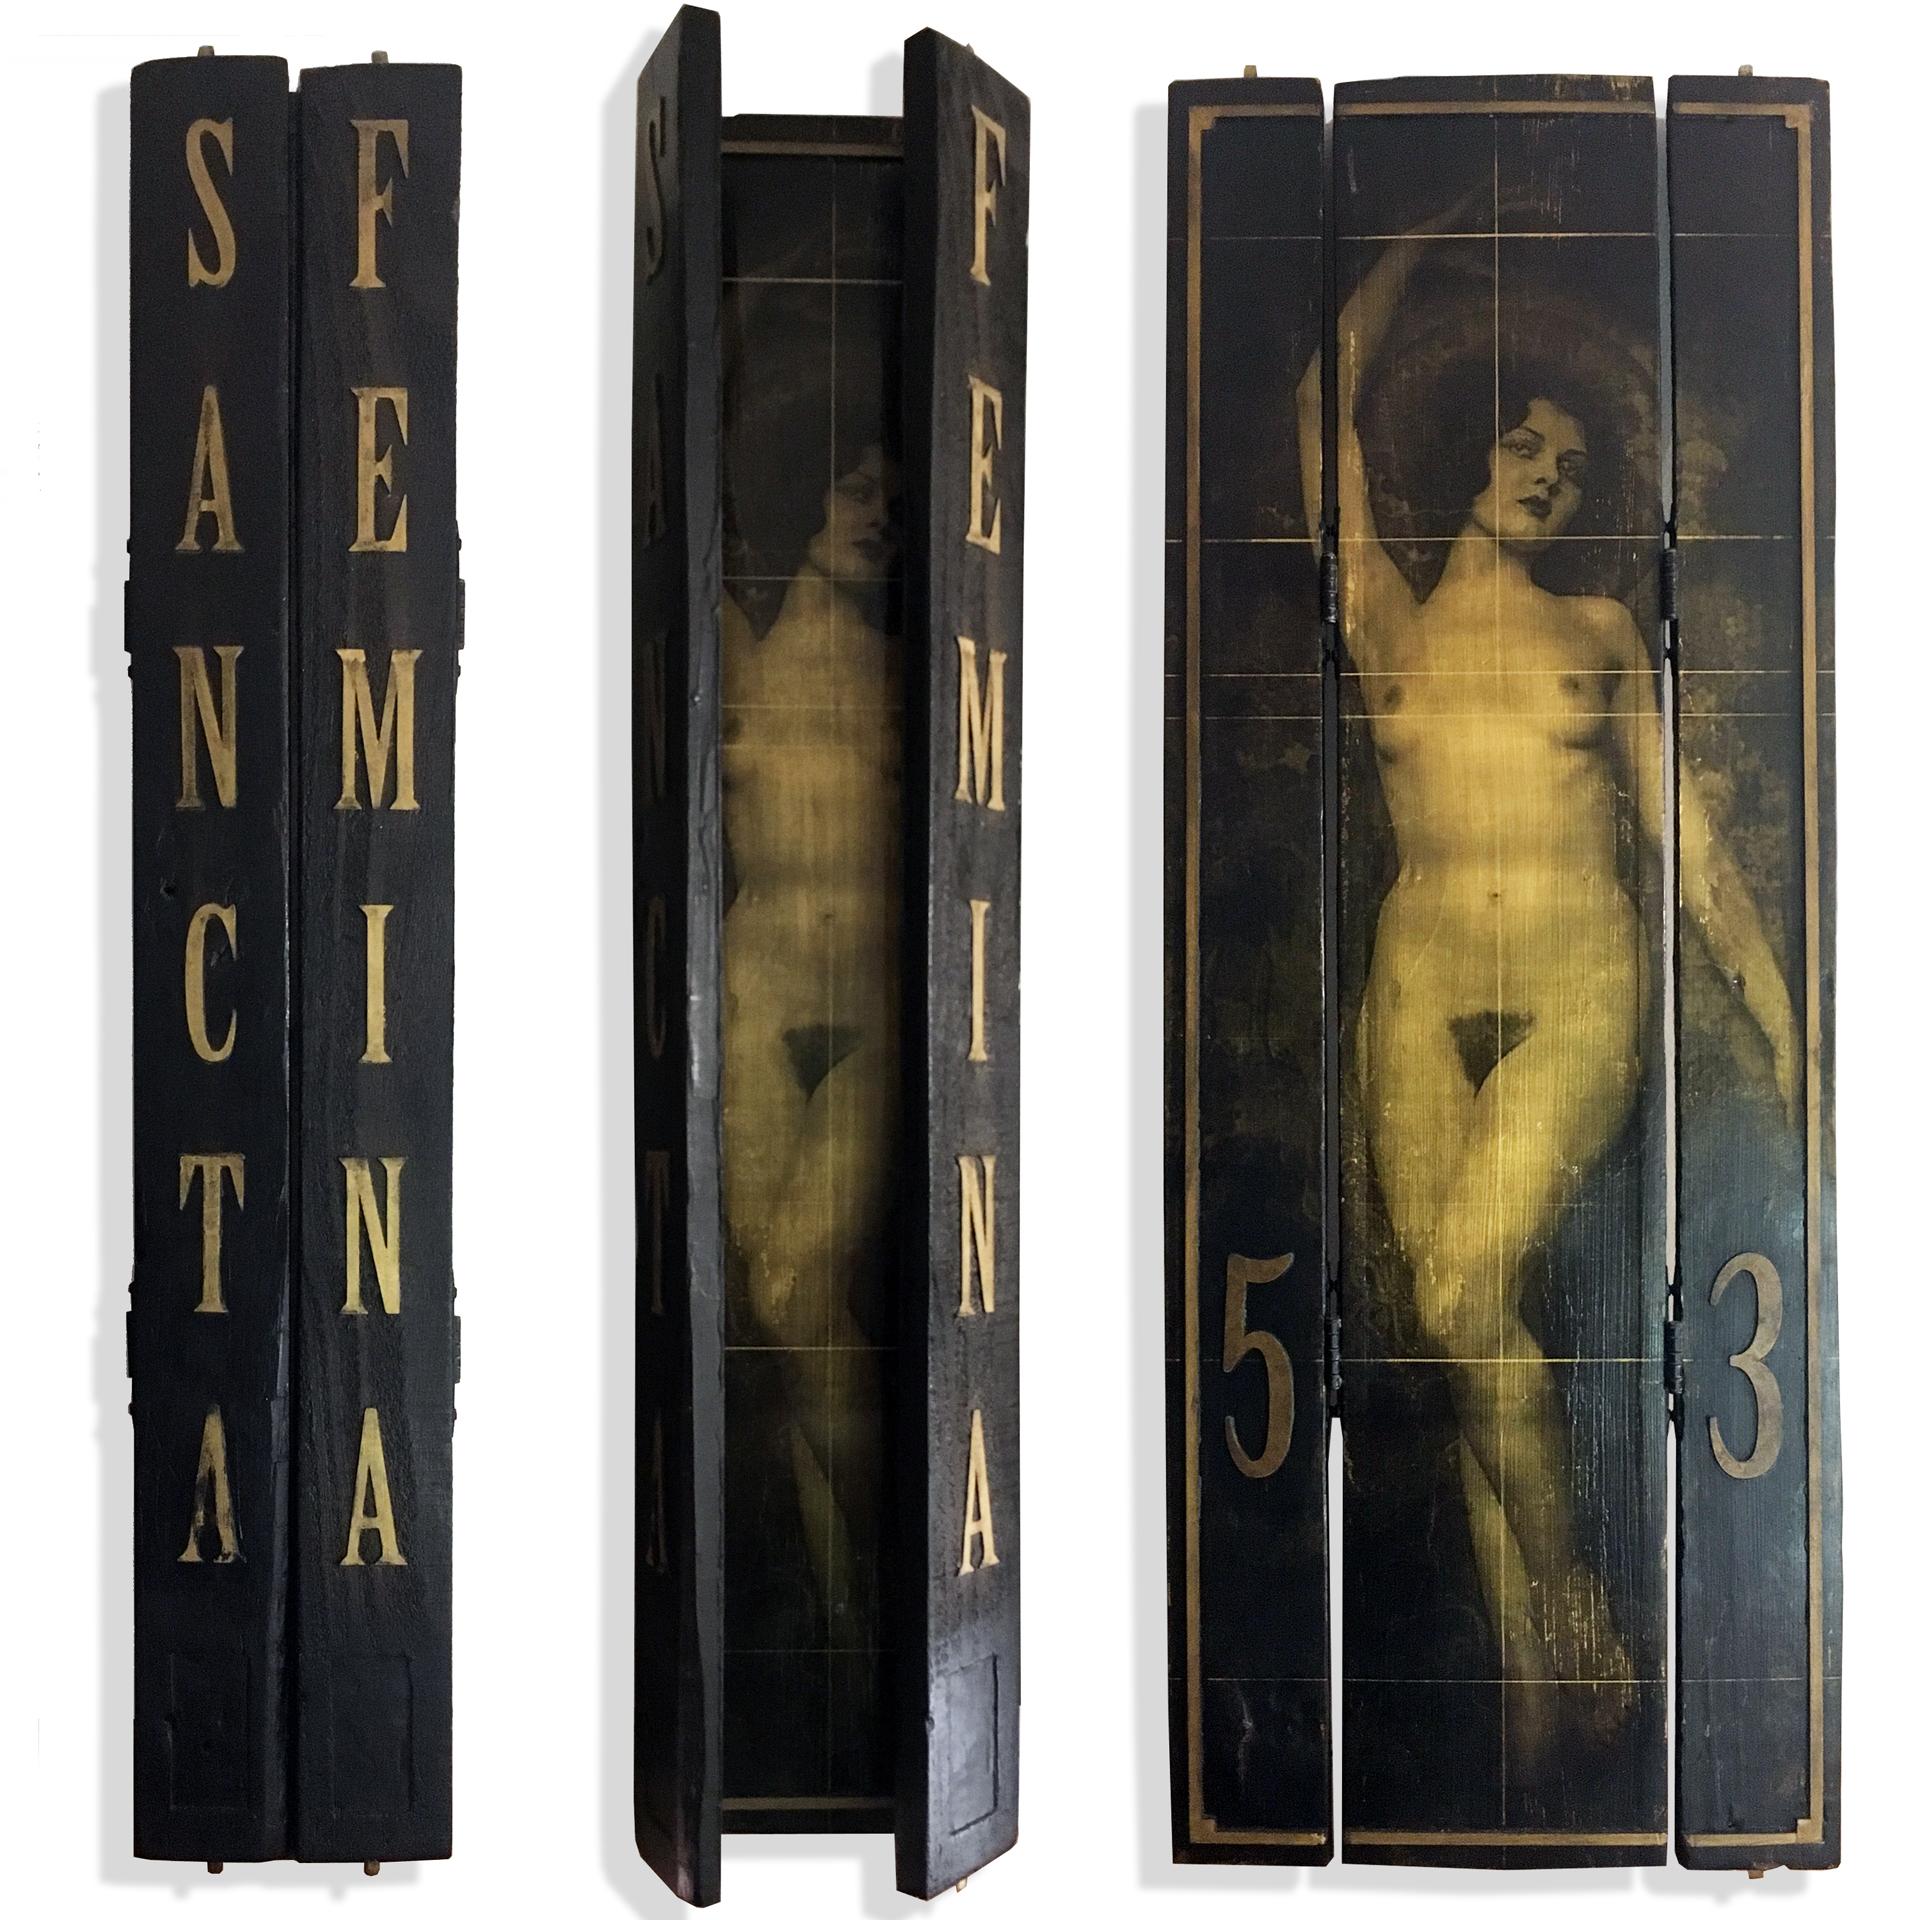 Sancta Femina Iron Oxide, Acrylic on Recycled Wood w/ Metal Hinges